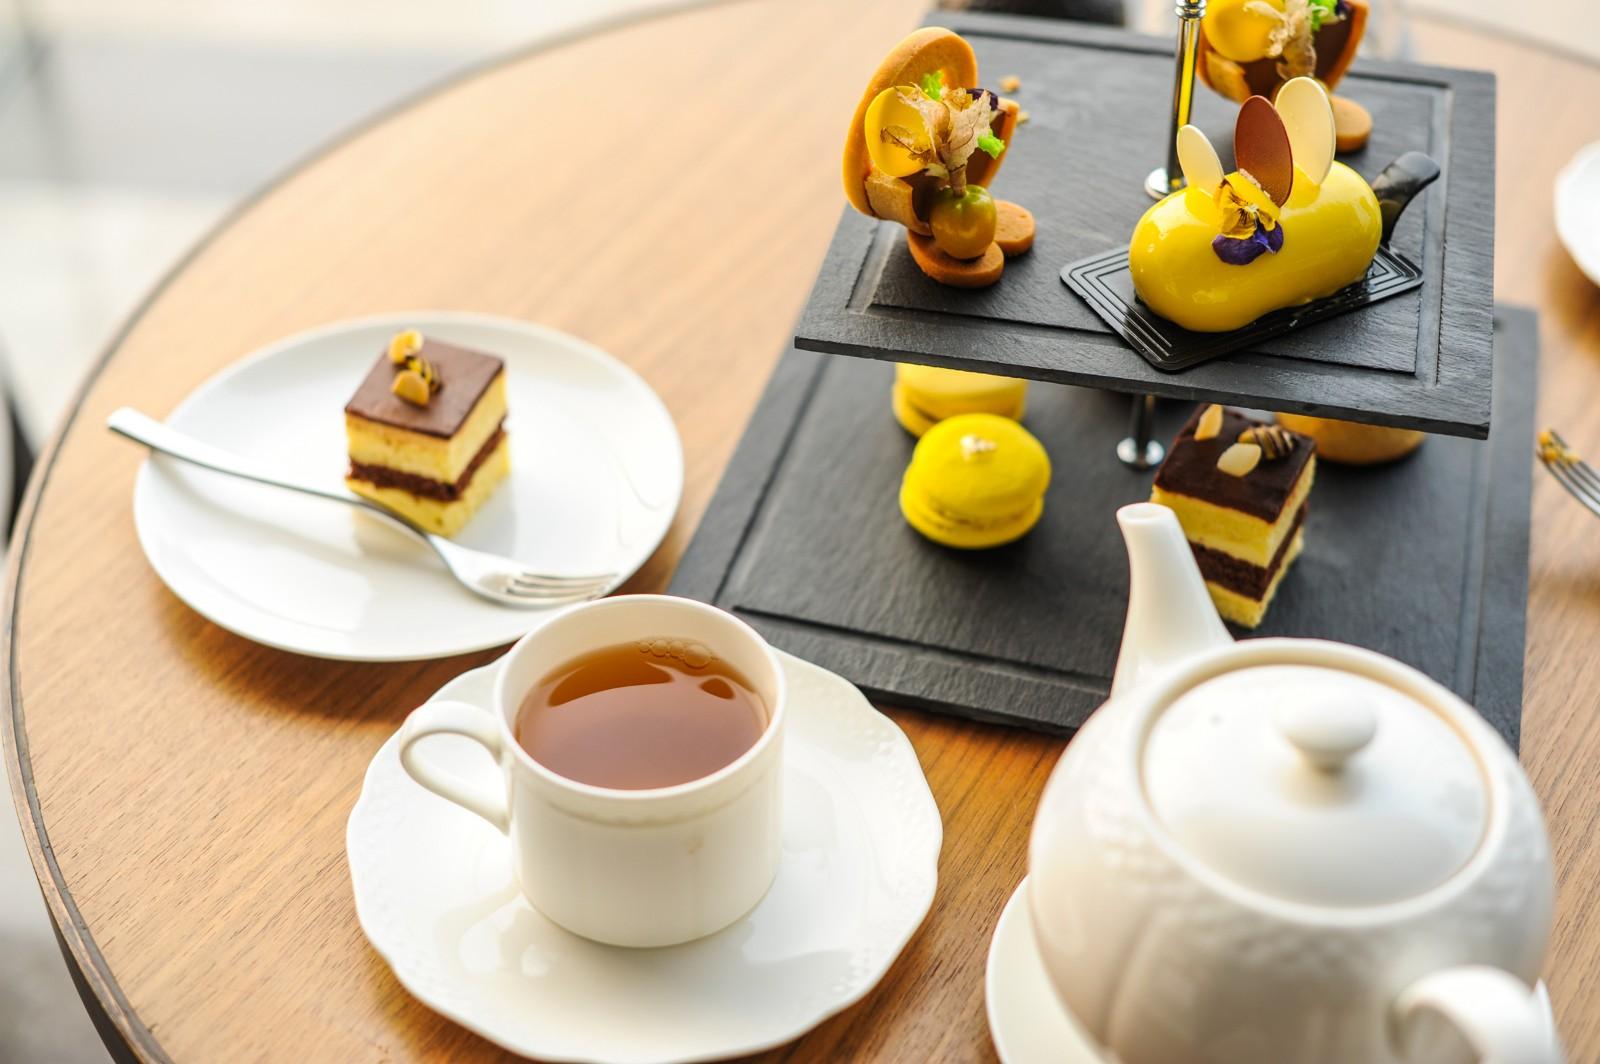 【新年輕度假】南京涵碧樓L吧下午茶,簡約不簡單的環境,是商旅不錯之選